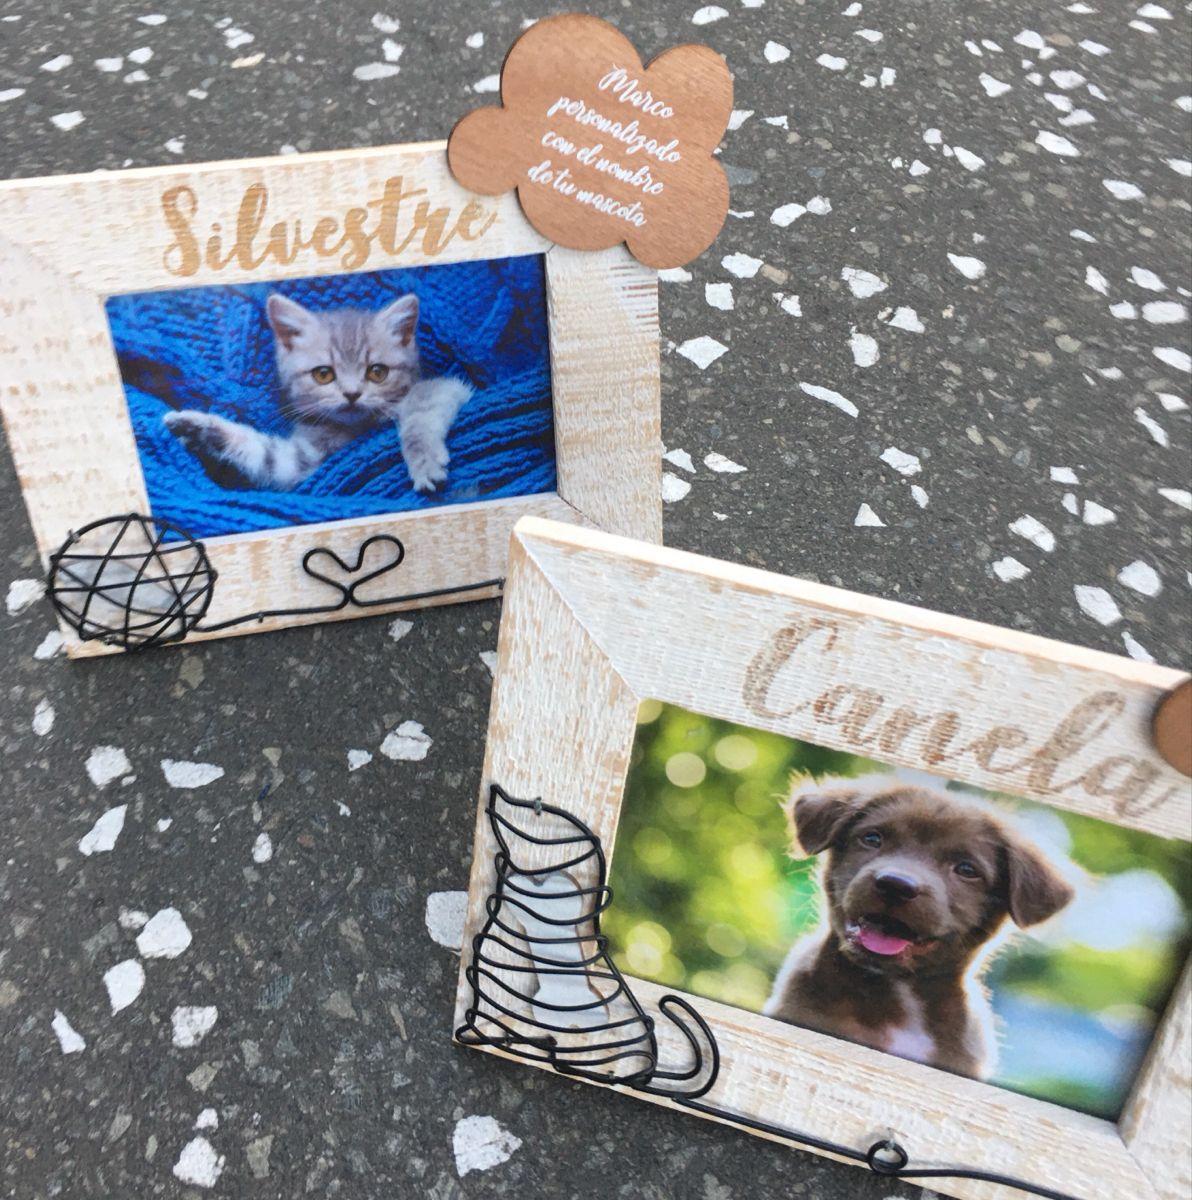 Marco De Mascota Personalizado Regalos Personalizados Tiendas De Fotografia Personalizar